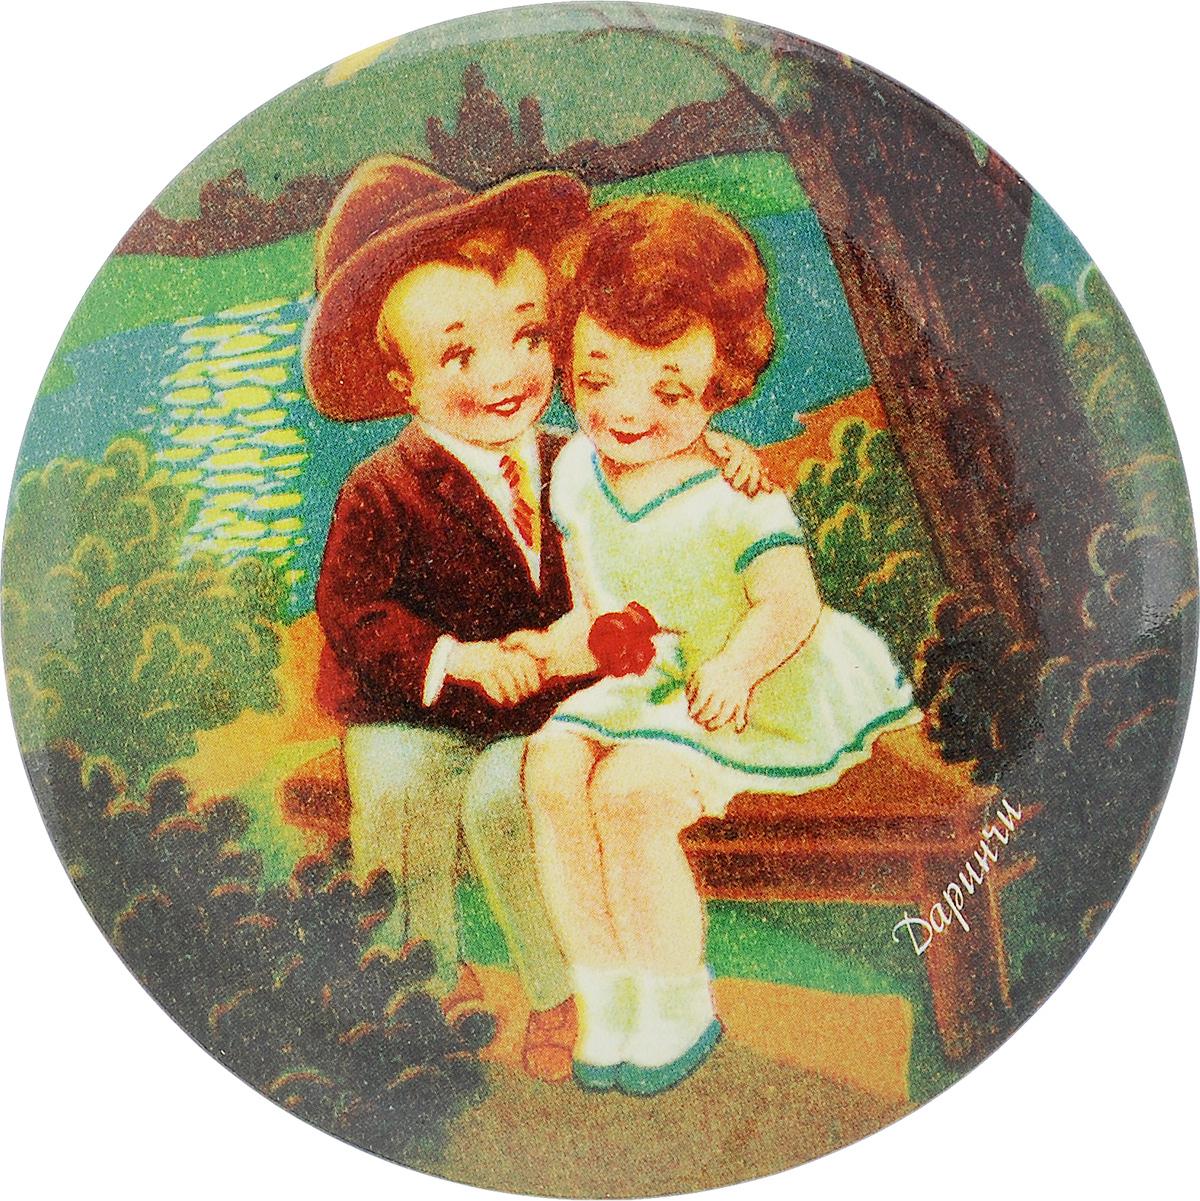 Зеркало карманное Даринчи. № 2PP010Карманное зеркало Даринчи, выполненное в круглом металлическом корпусе, оформлено изображением мальчика и девочки на фоне вечернего озера.Такое зеркало станет отличным подарком представительнице прекрасного пола, ведь даже самая маленькая дамская сумочка обязательно вместит в себя миниатюрное зеркальце, а красочное изображение на обратной стороне зеркала непременно порадует вас и поднимет вам настроение даже в самый хмурый день.